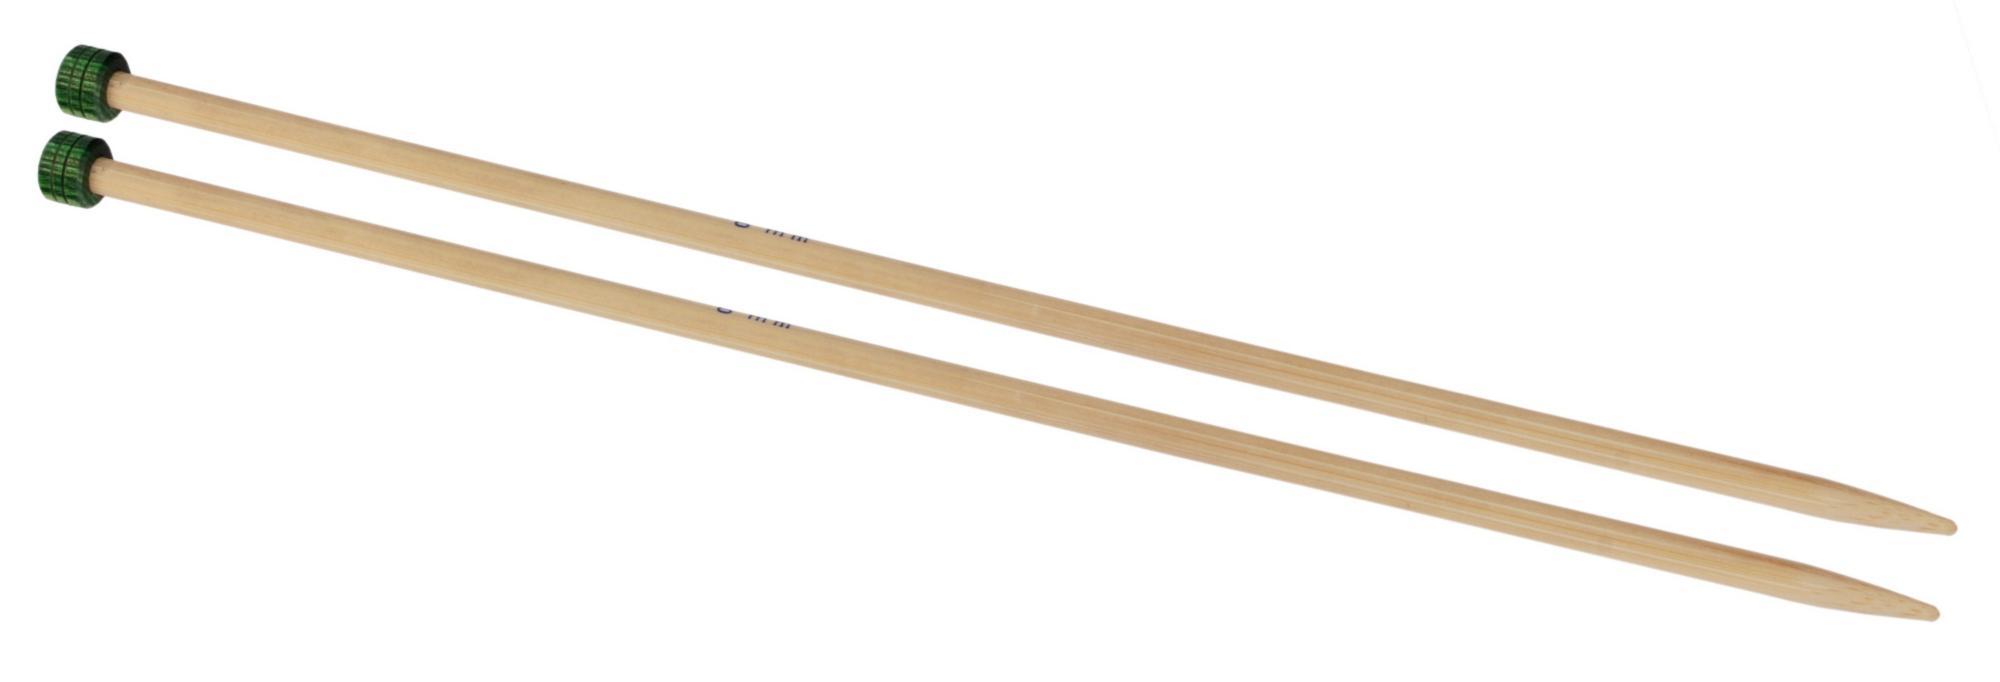 Спицы прямые 30 см Bamboo KnitPro, 22337, 3.25 мм